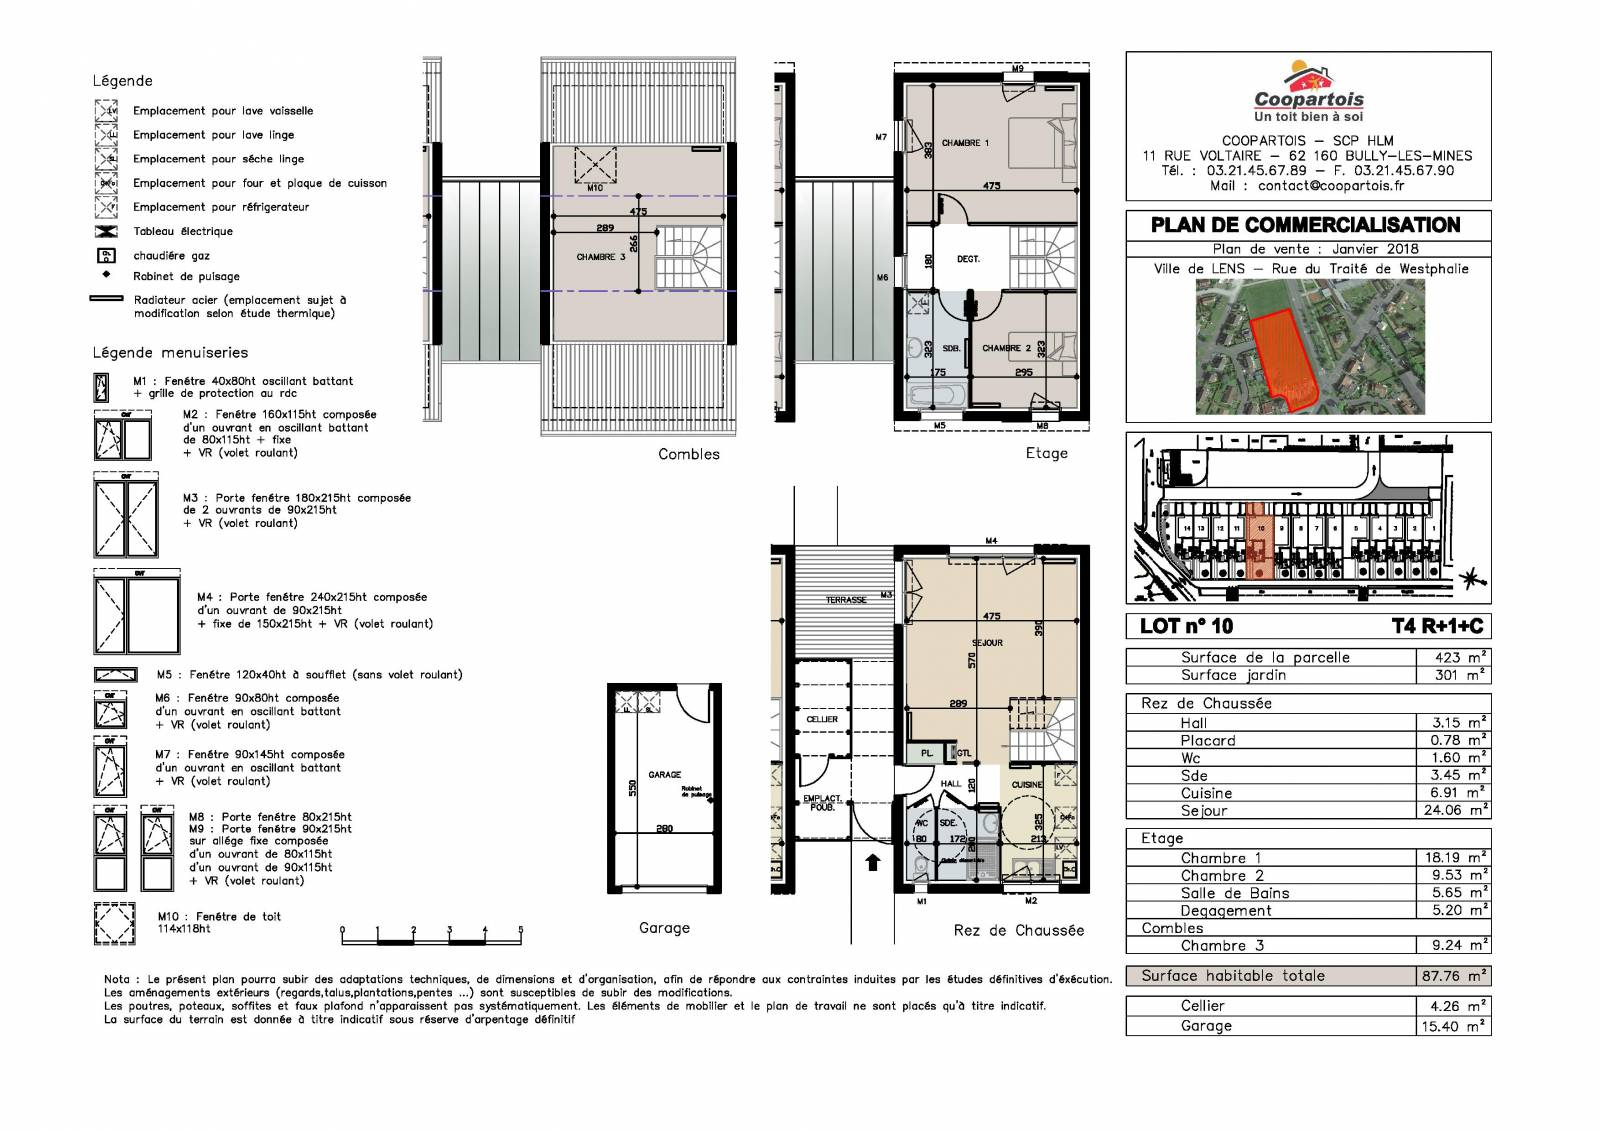 Maison neuve 3 chambres duplex n 10 coopartois for Plan de maison duplex 3 chambres